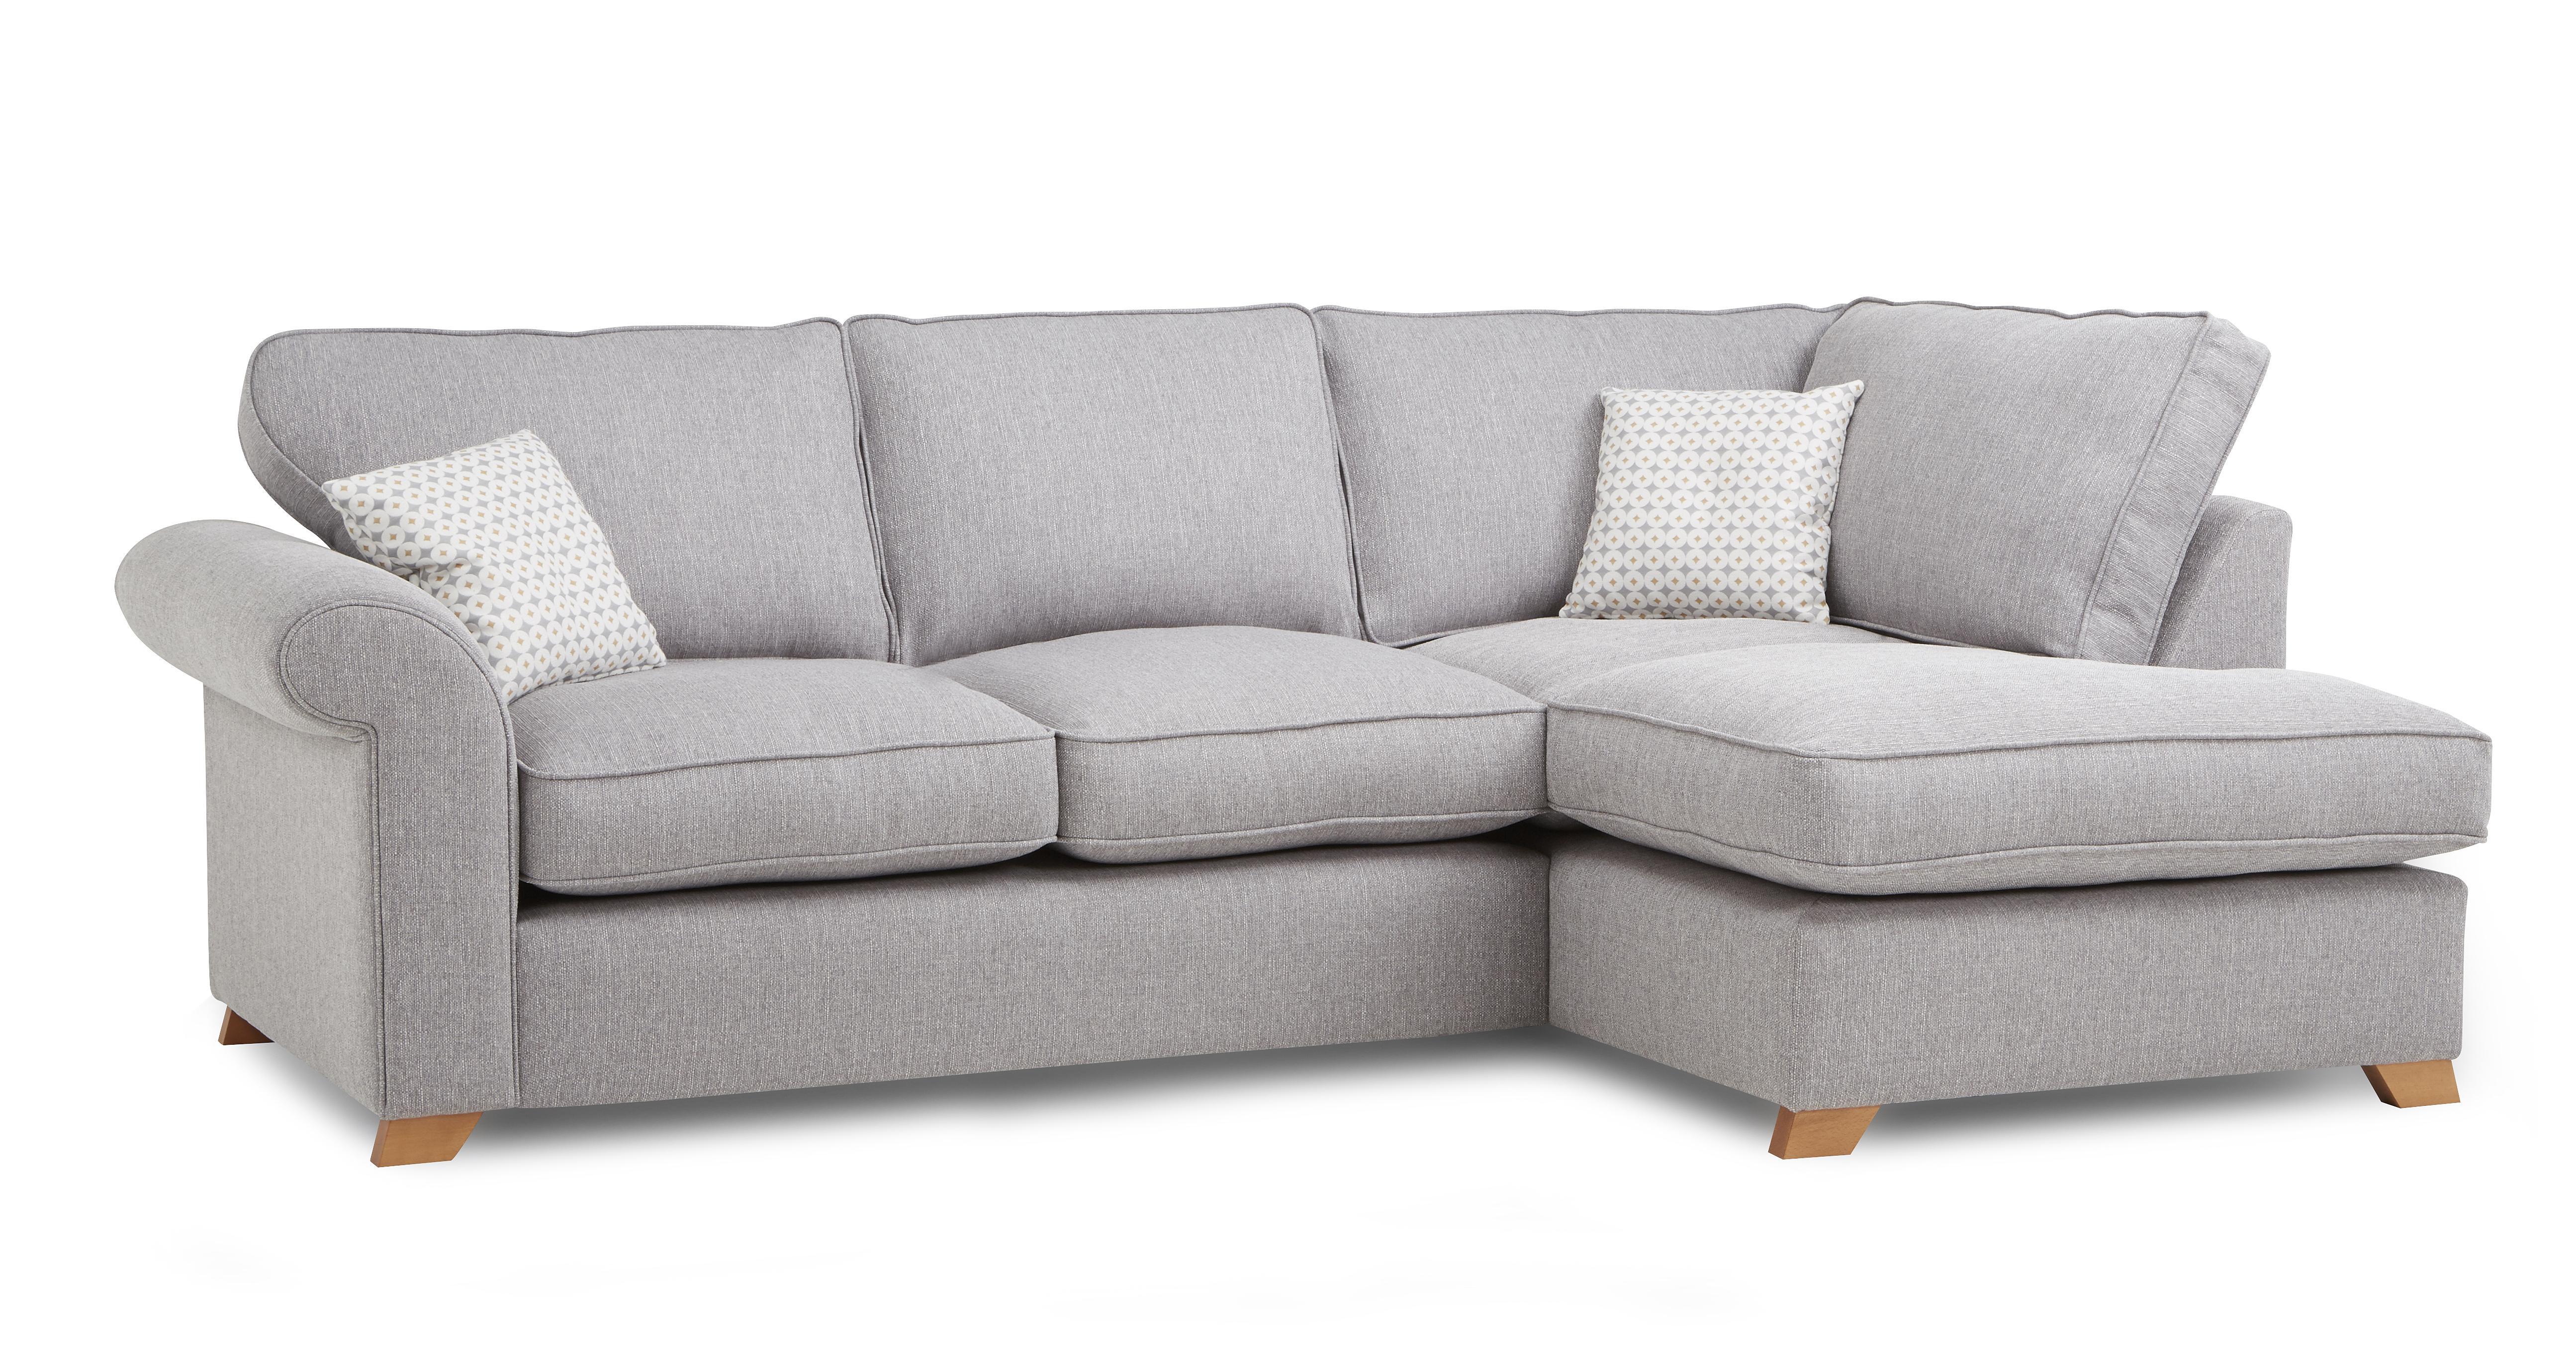 Sofas Under 600 Dollars hmmi